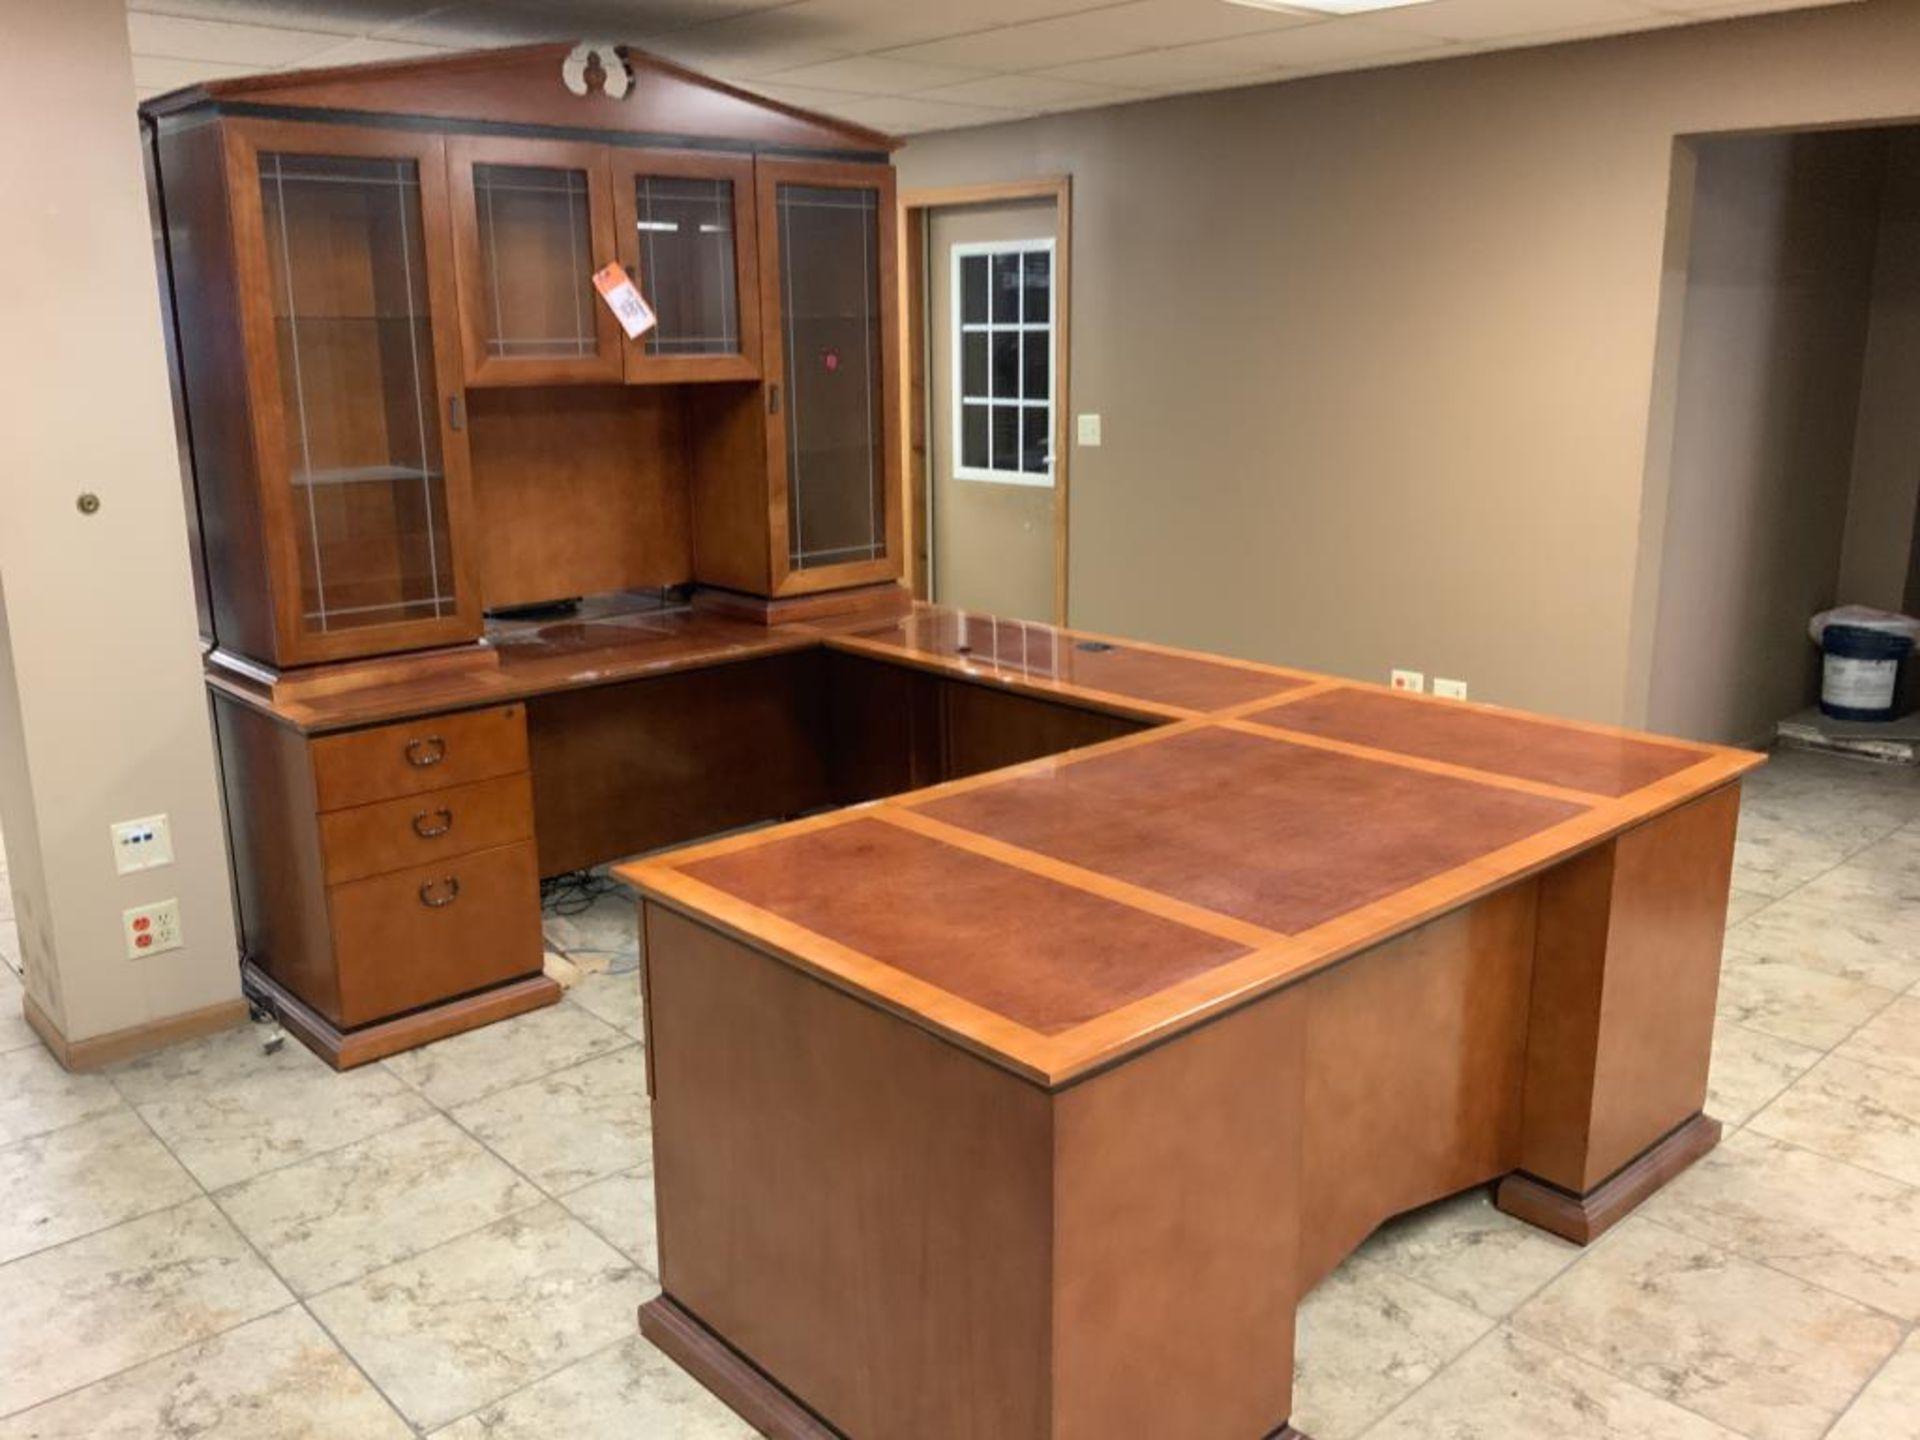 Lot 1045 - Executive office desk